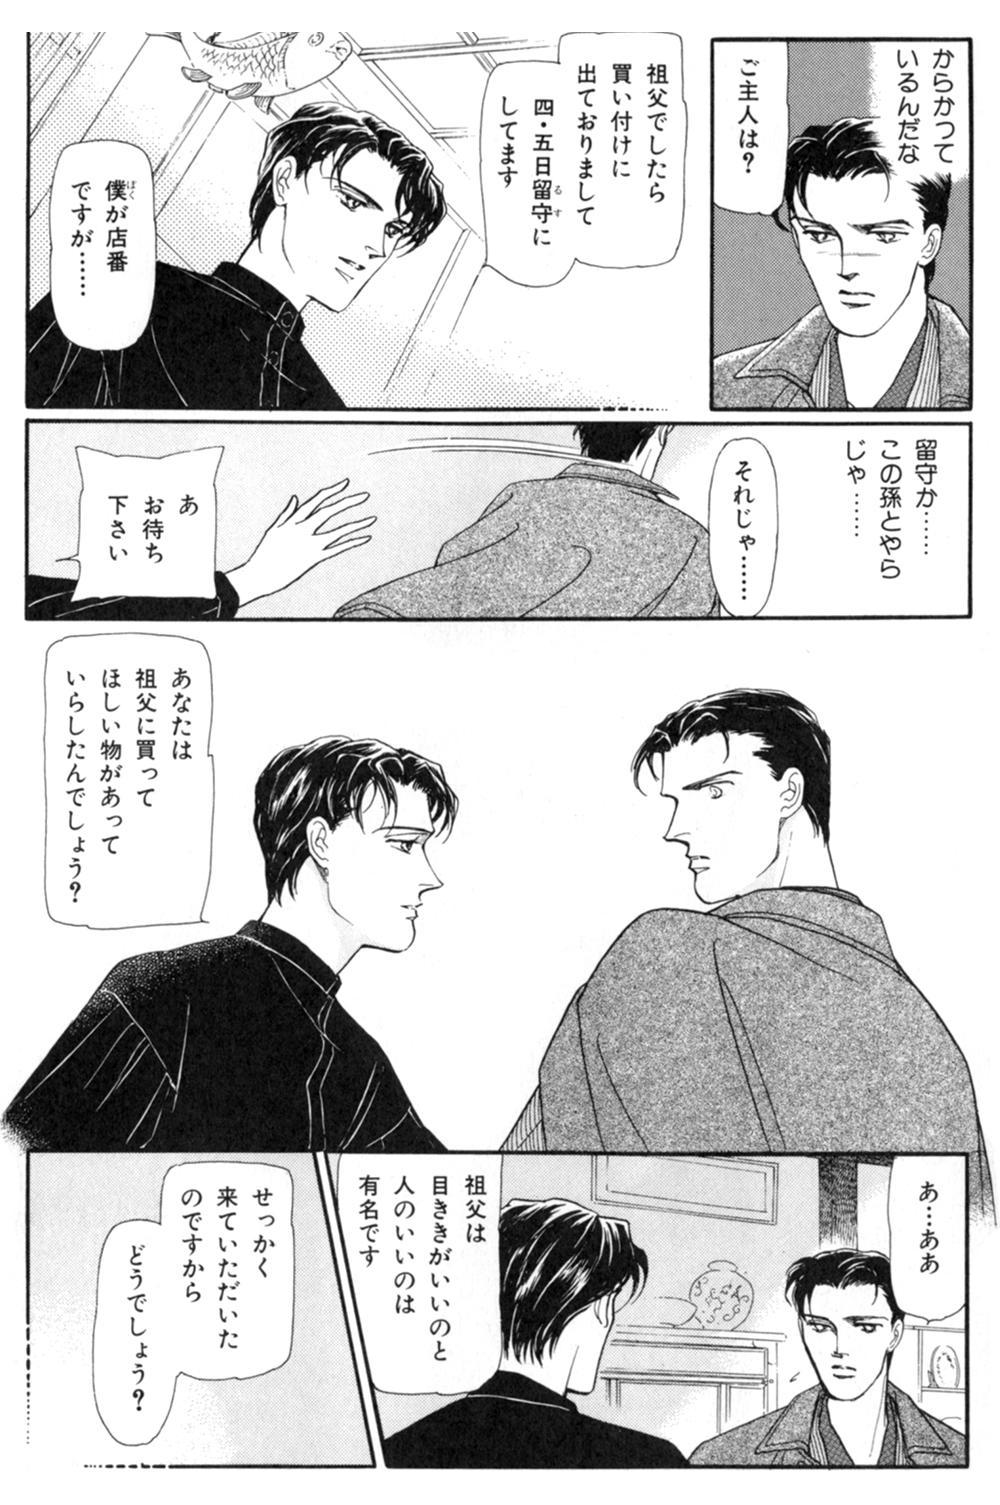 雨柳堂夢咄 第1話「花椿の恋」①uryu04.jpg